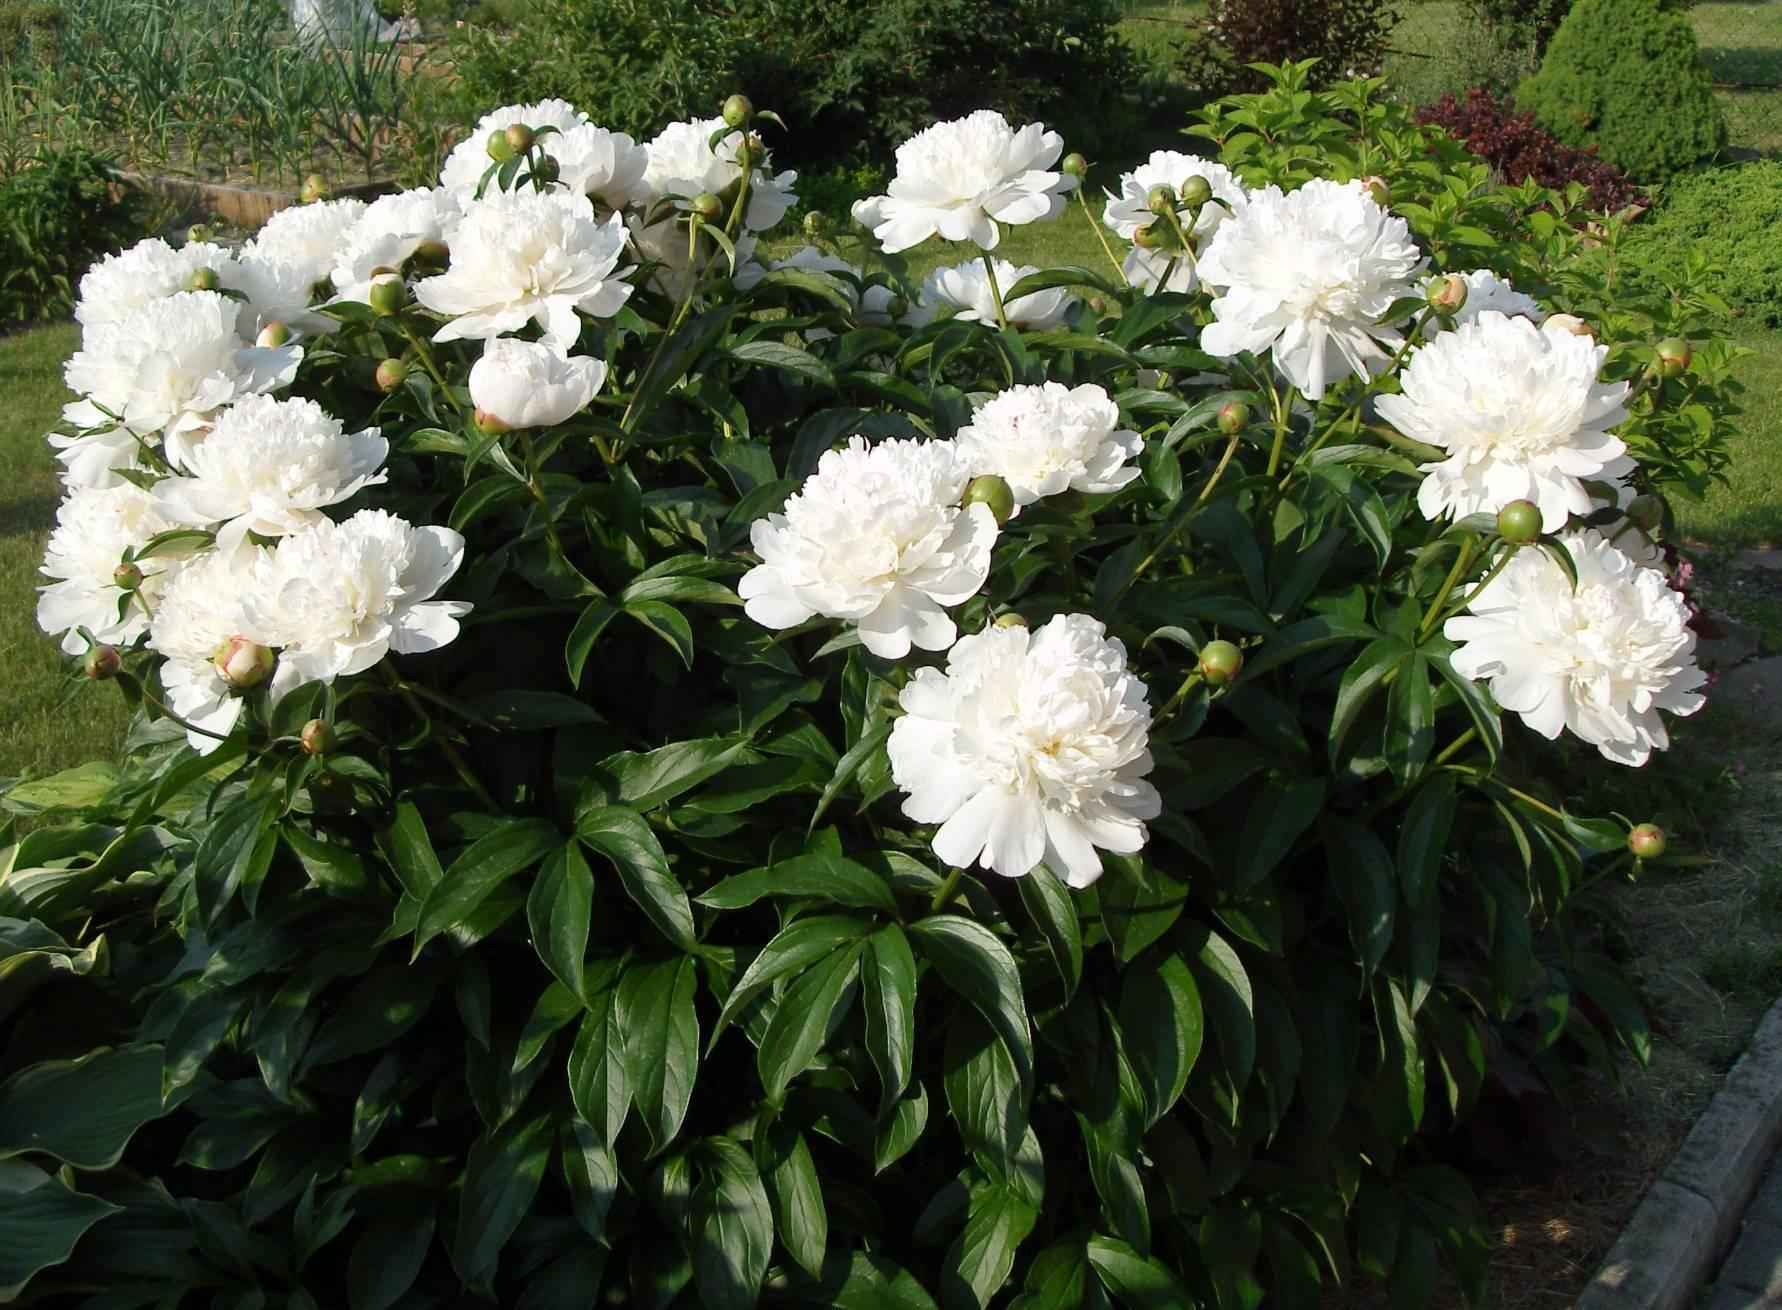 Описание молочноцветкового пиона сорта фестива максима (paeonia festiva maxima)